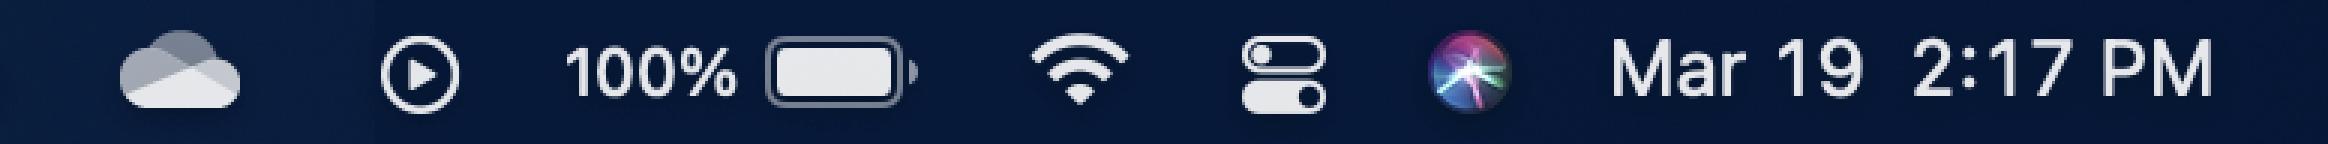 Prikazuje traku zadataka na Macu, sa ikonom OneDrive oblaka.